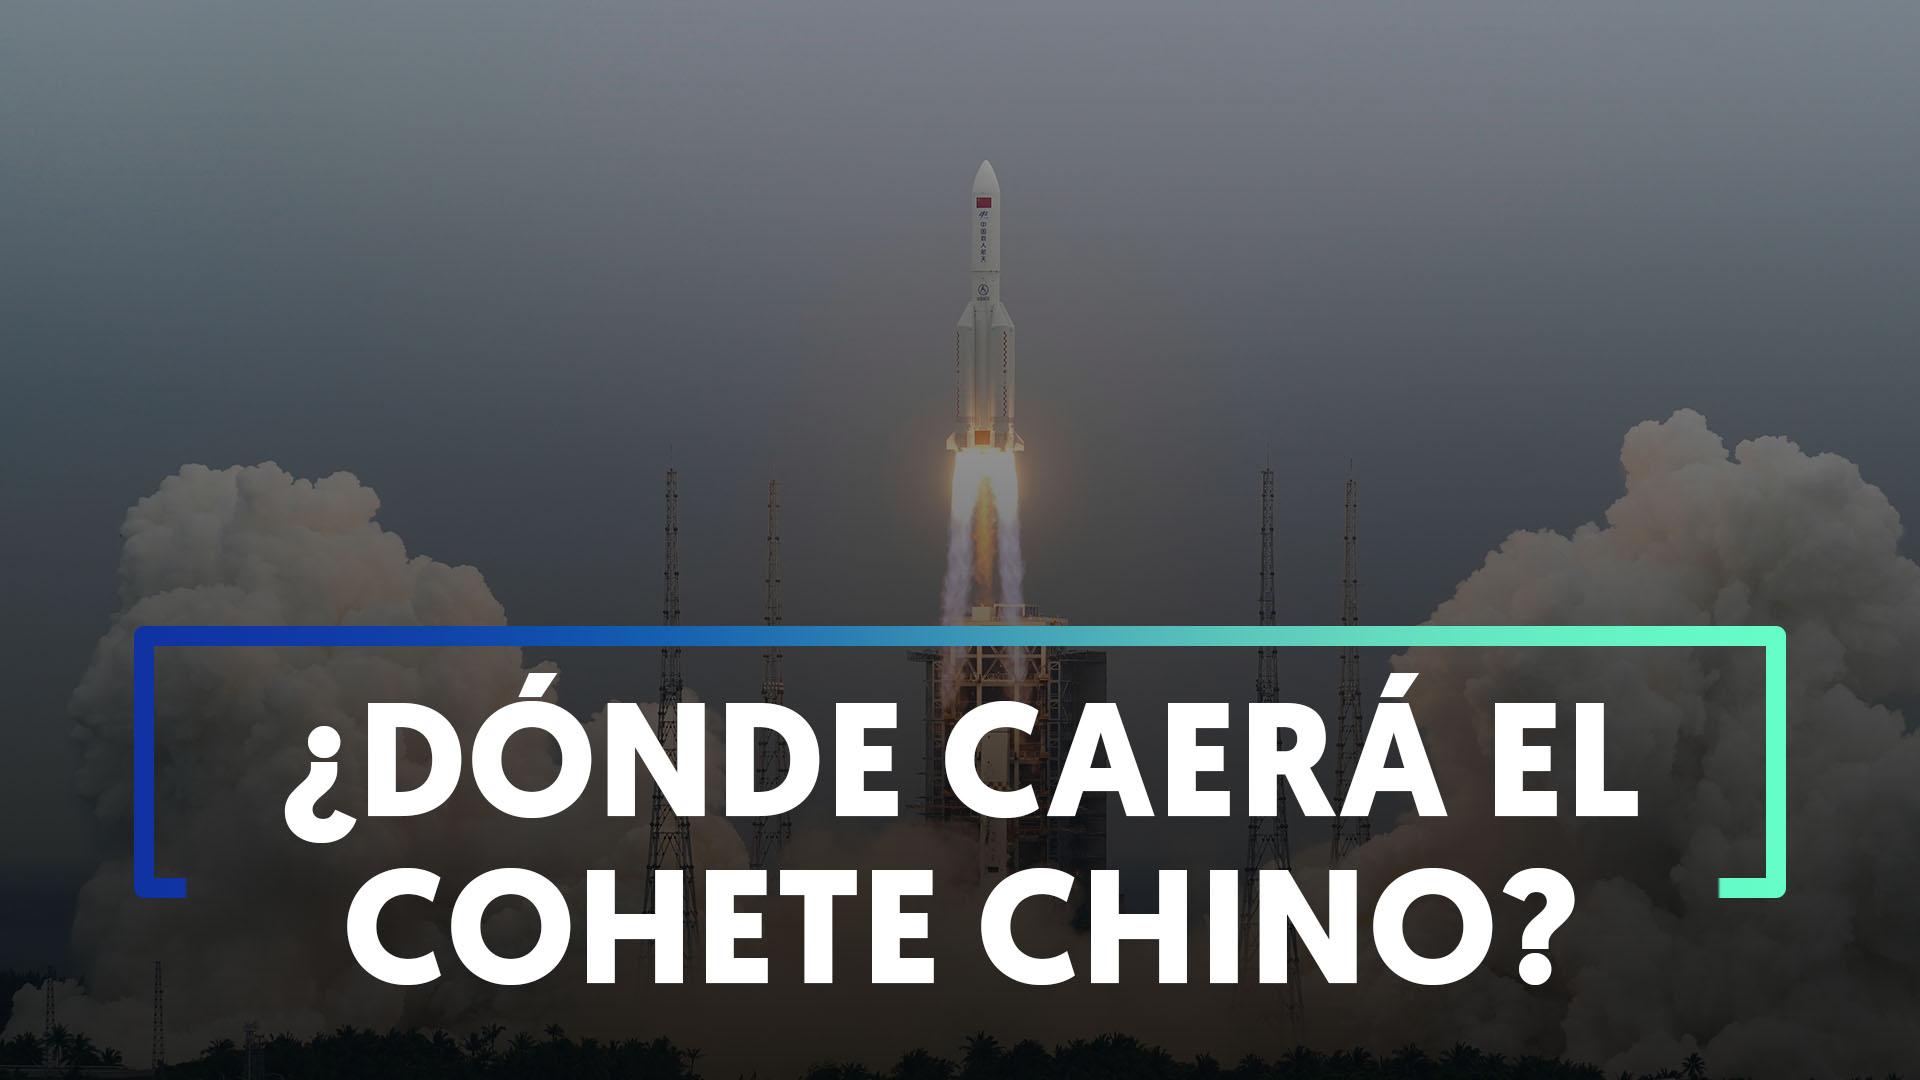 Dónde caerán los restos del cohete chino que viaja sin control?